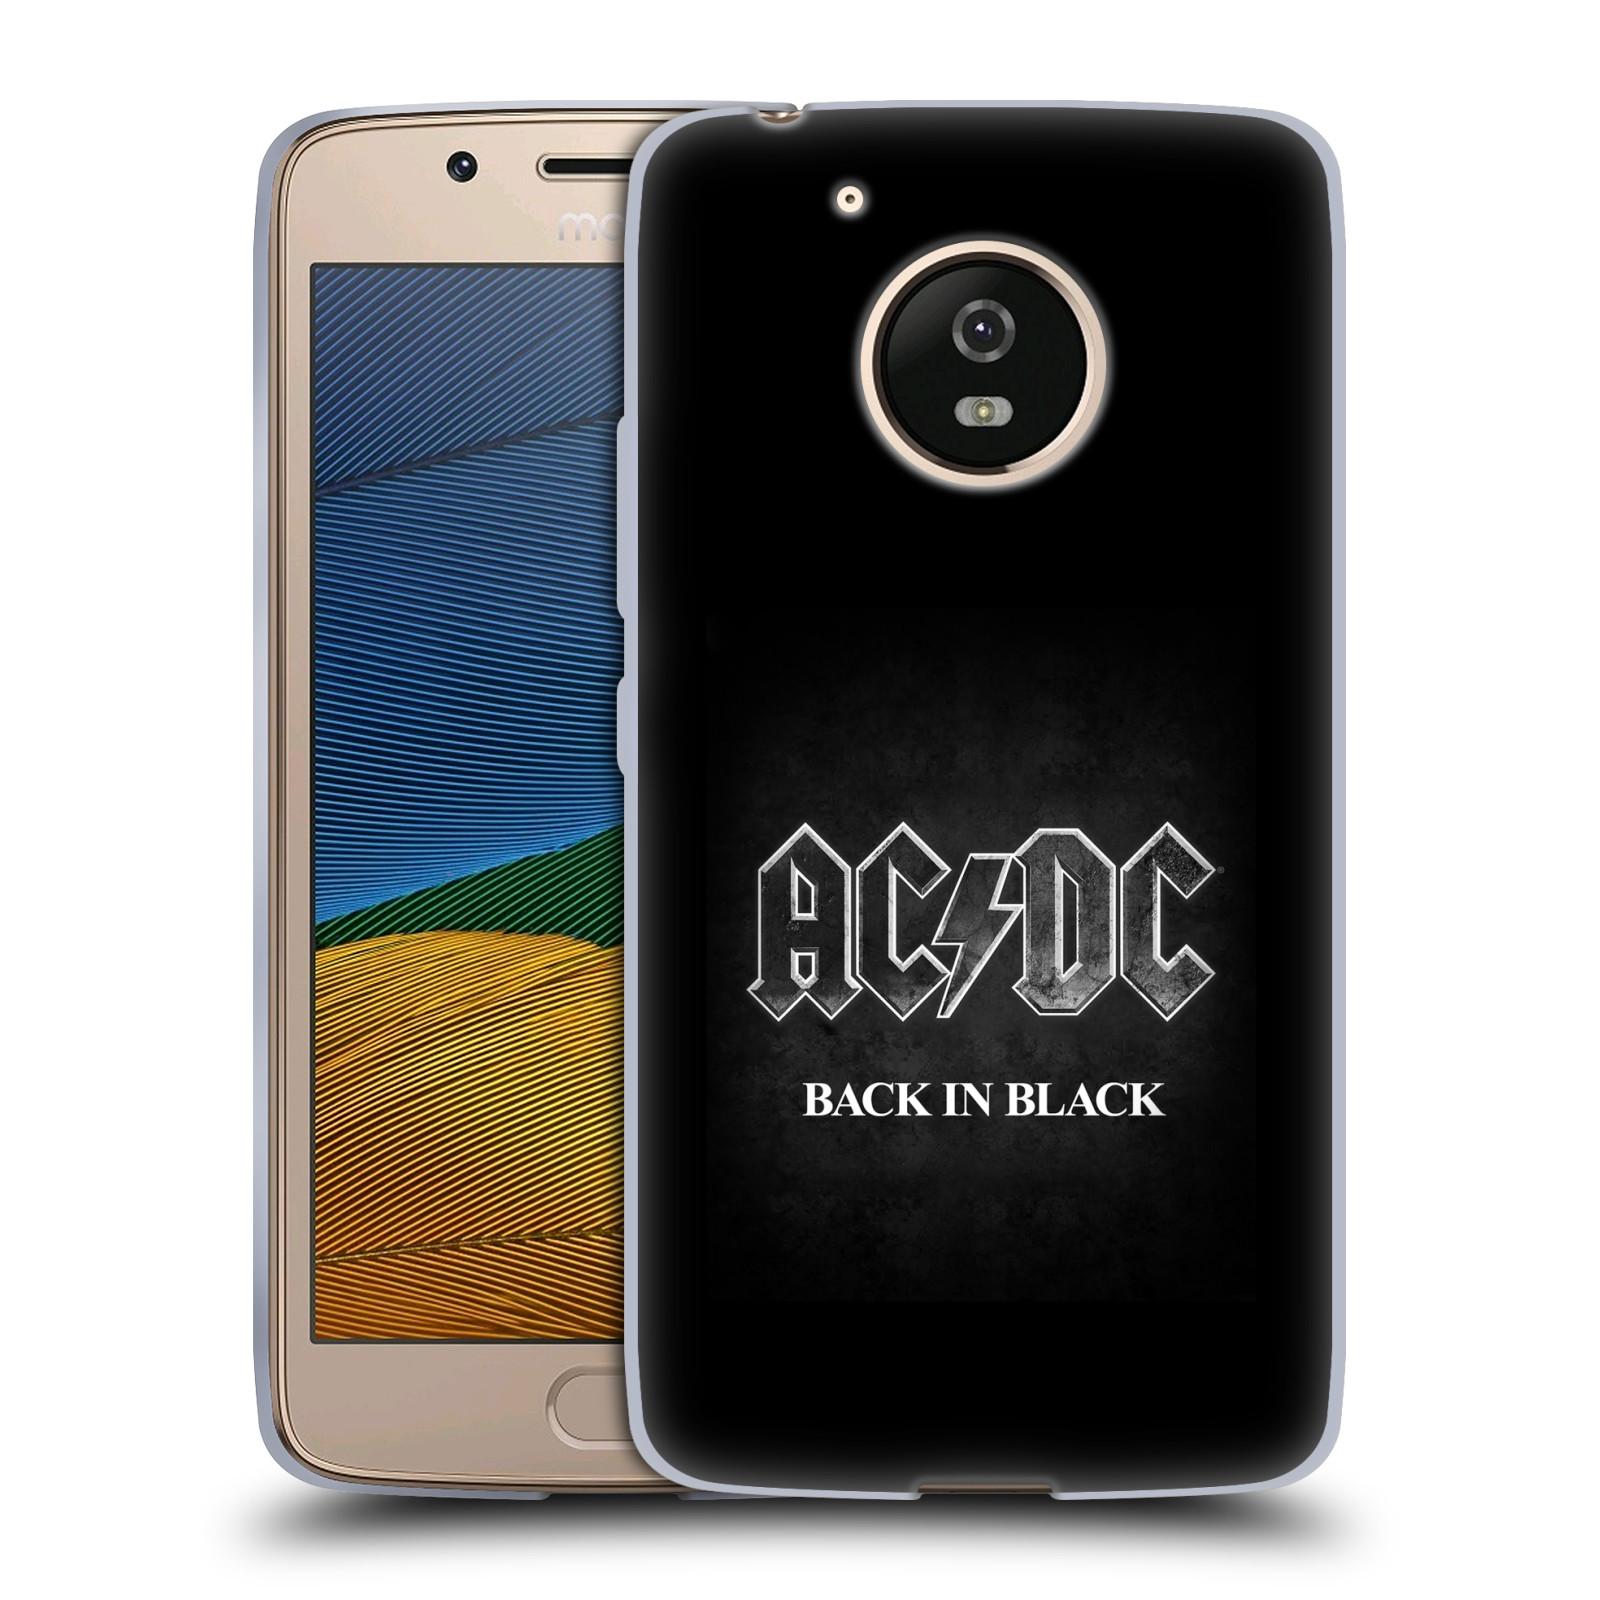 Silikonové pouzdro na mobil Lenovo Moto G5 - Head Case AC/DC BACK IN BLACK (Silikonový kryt či obal na mobilní telefon s oficiálním motivem australské skupiny AC/DC pro Lenovo Moto G5)